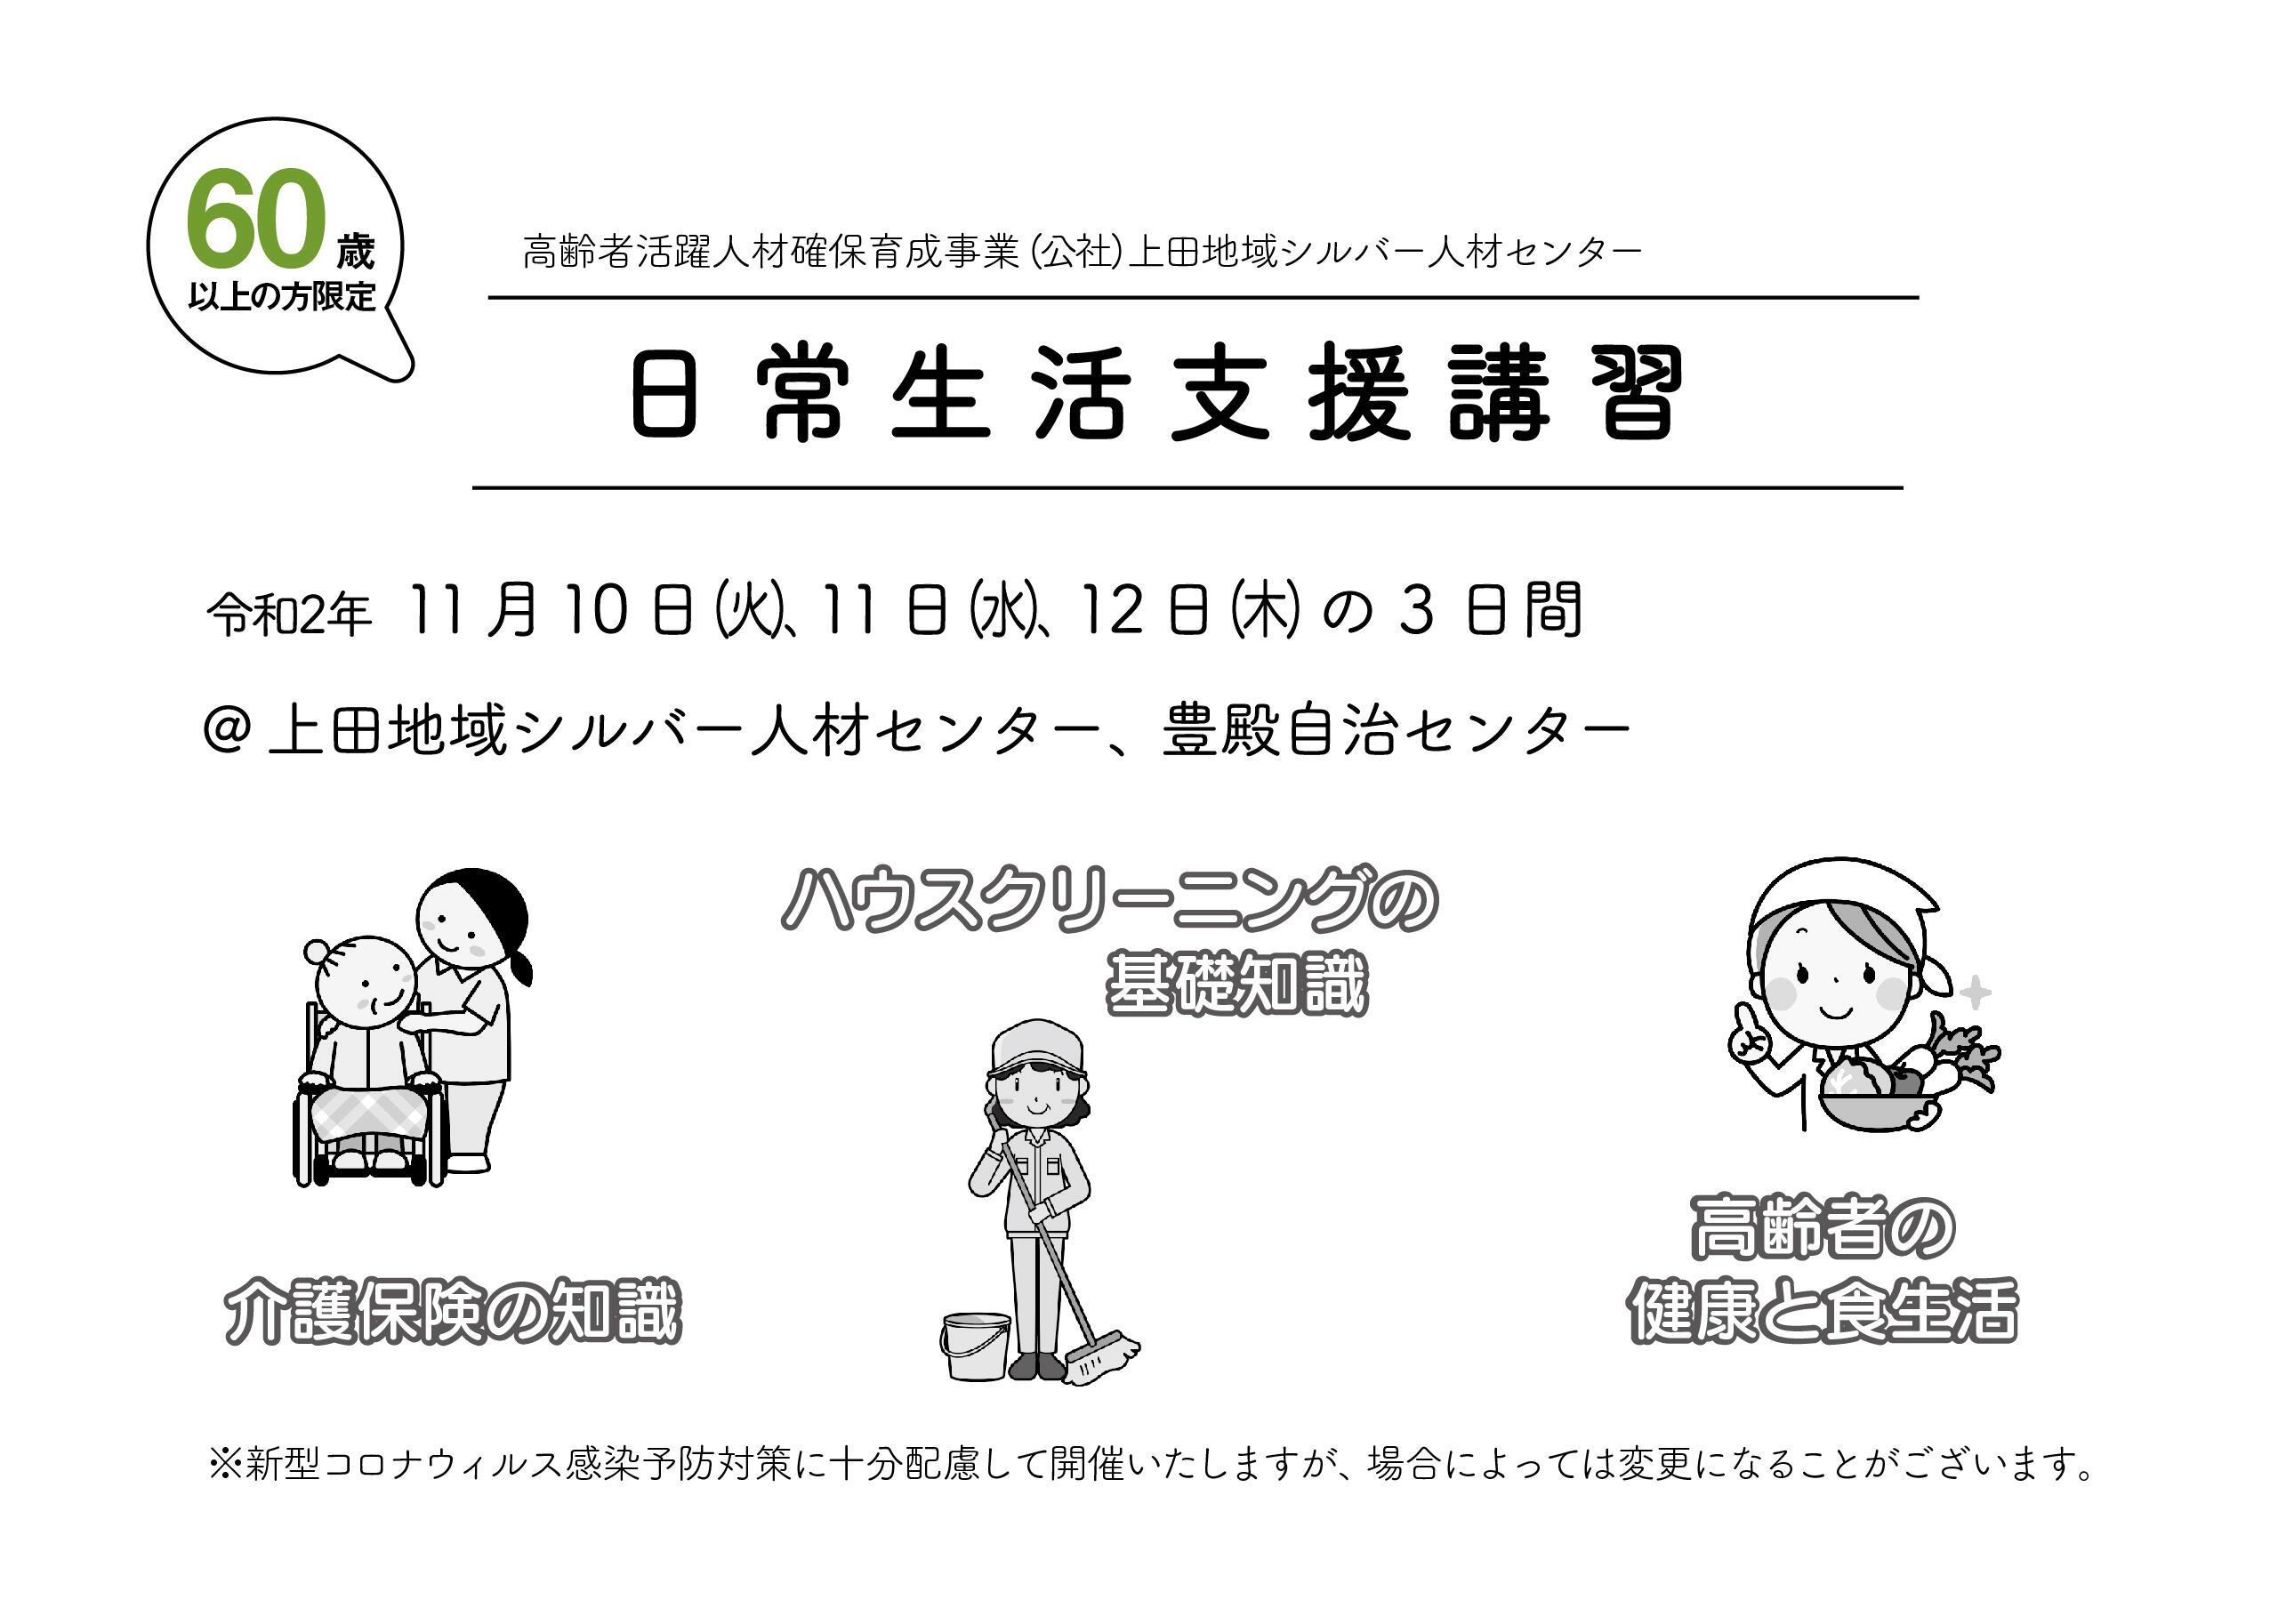 20-1110日常生活支援講習(上田市)-03.jpg